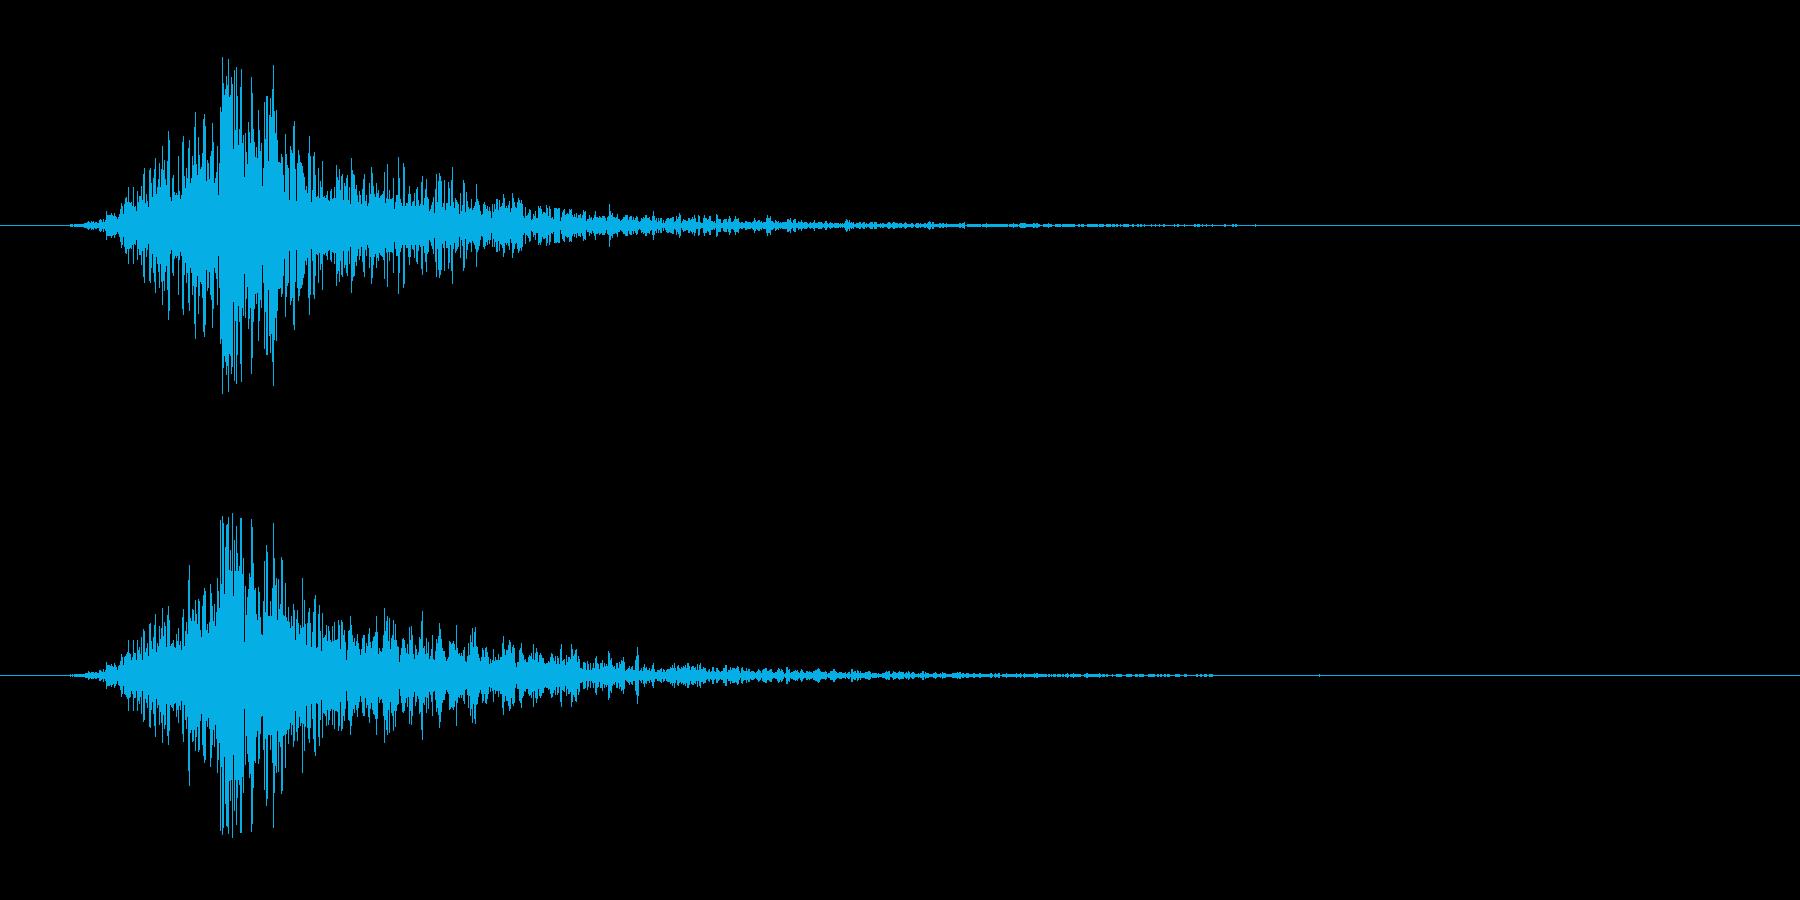 シュードーン-3(インパクト音)の再生済みの波形